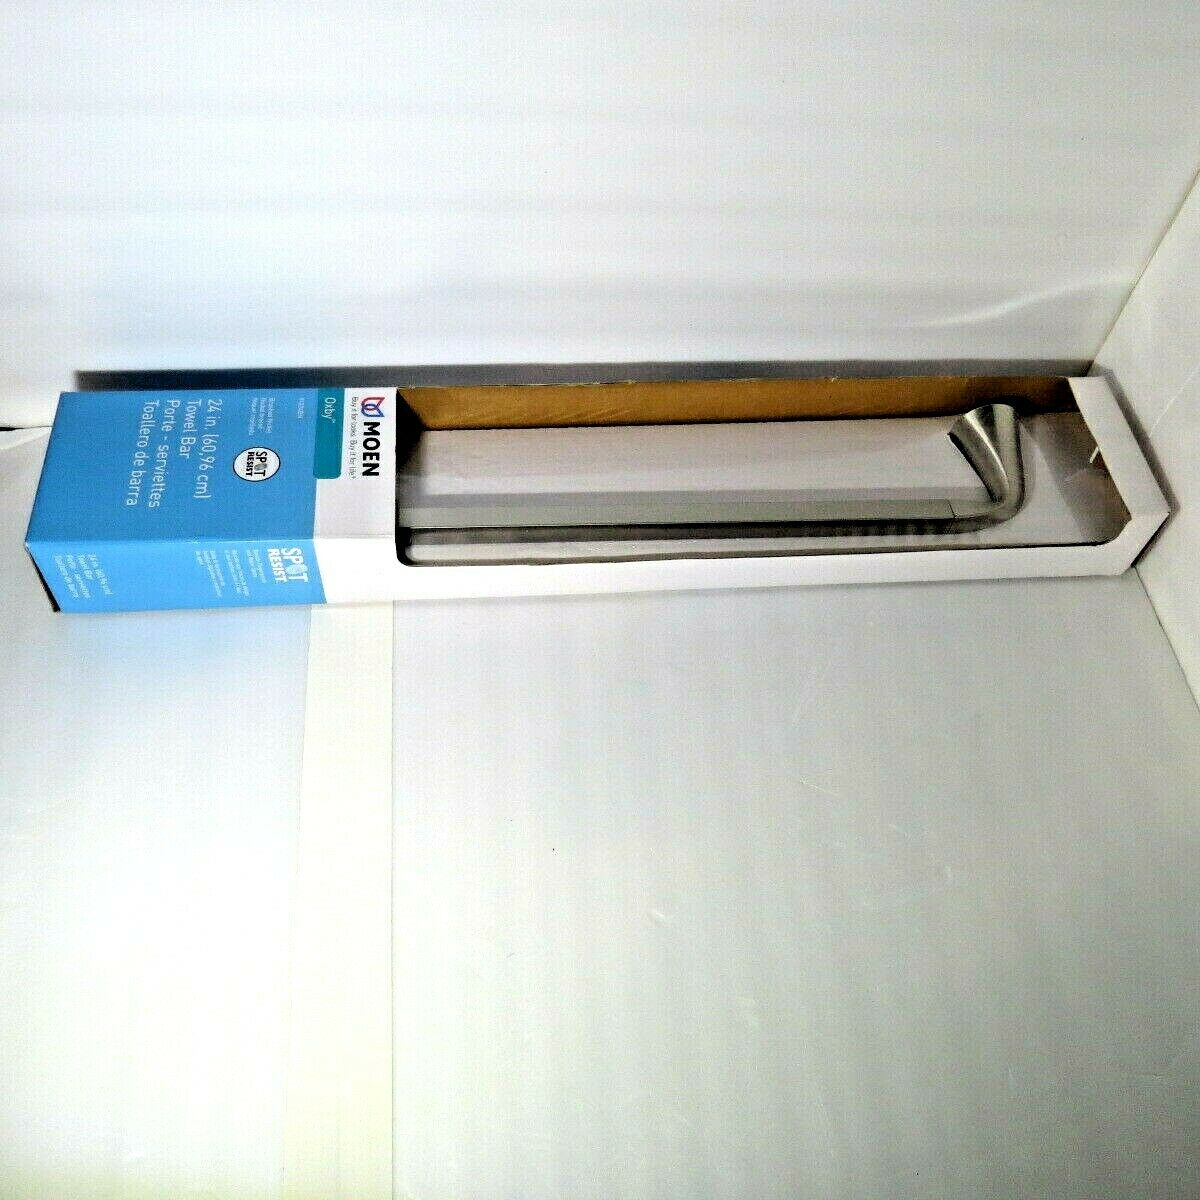 Moen Y1224BN 24 in Oxby Brushed Nickel Spot Resist Towel Bar New Sealed Package